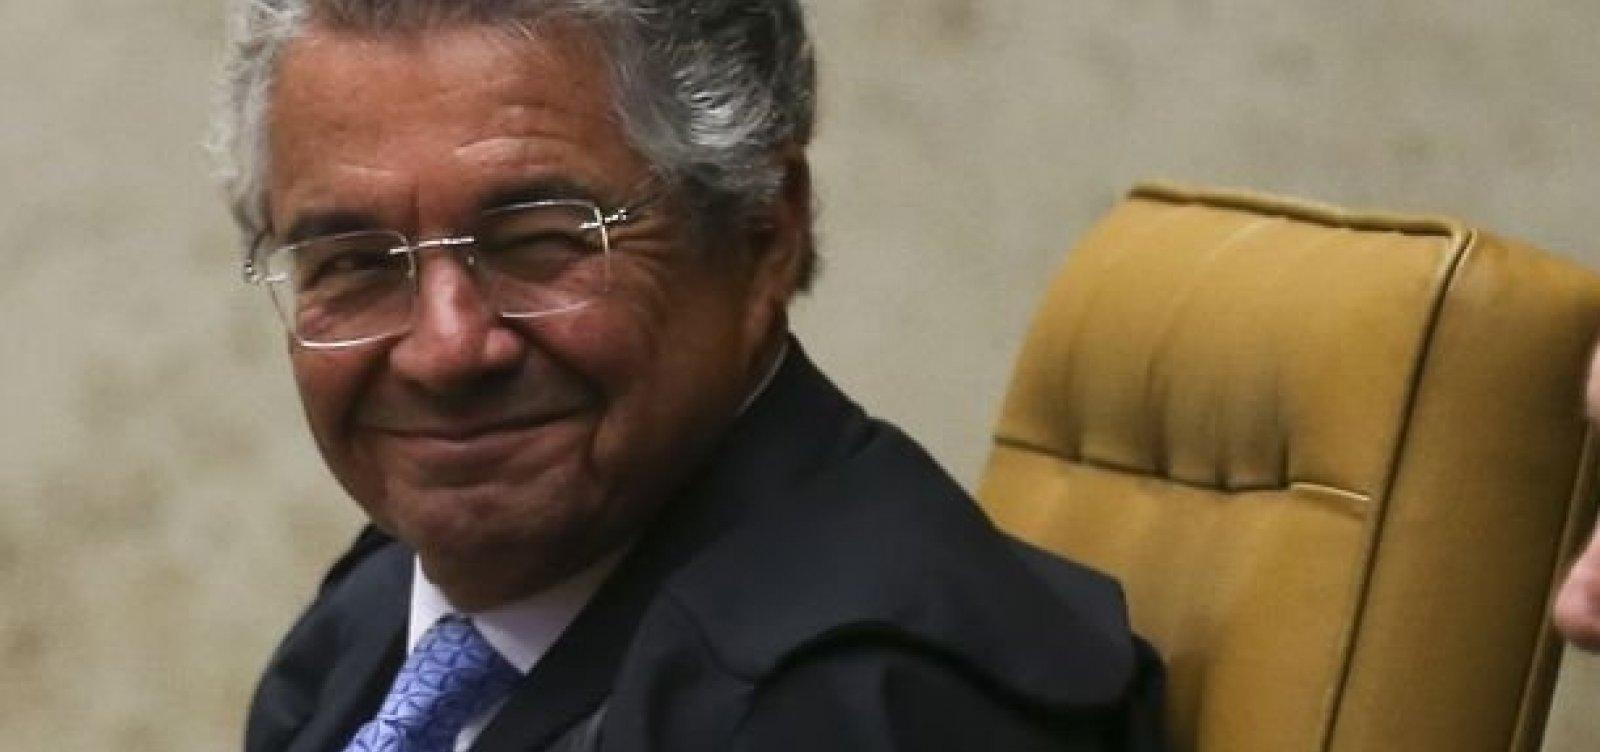 'Eu tenho uma dúvida seríssima quanto aos crimes', diz Marco Aurélio sobre Lula